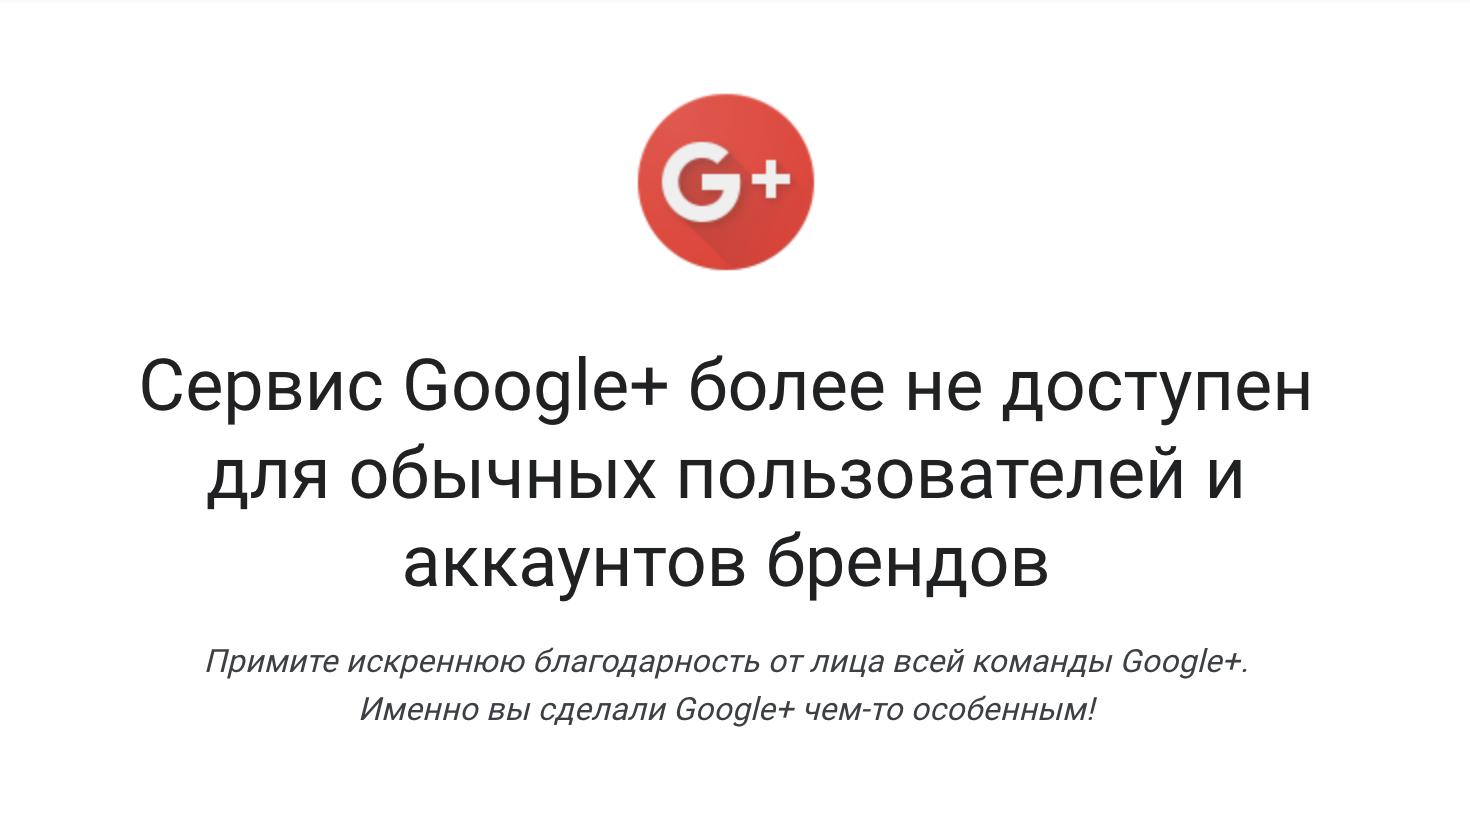 Google+ официально закрыт1